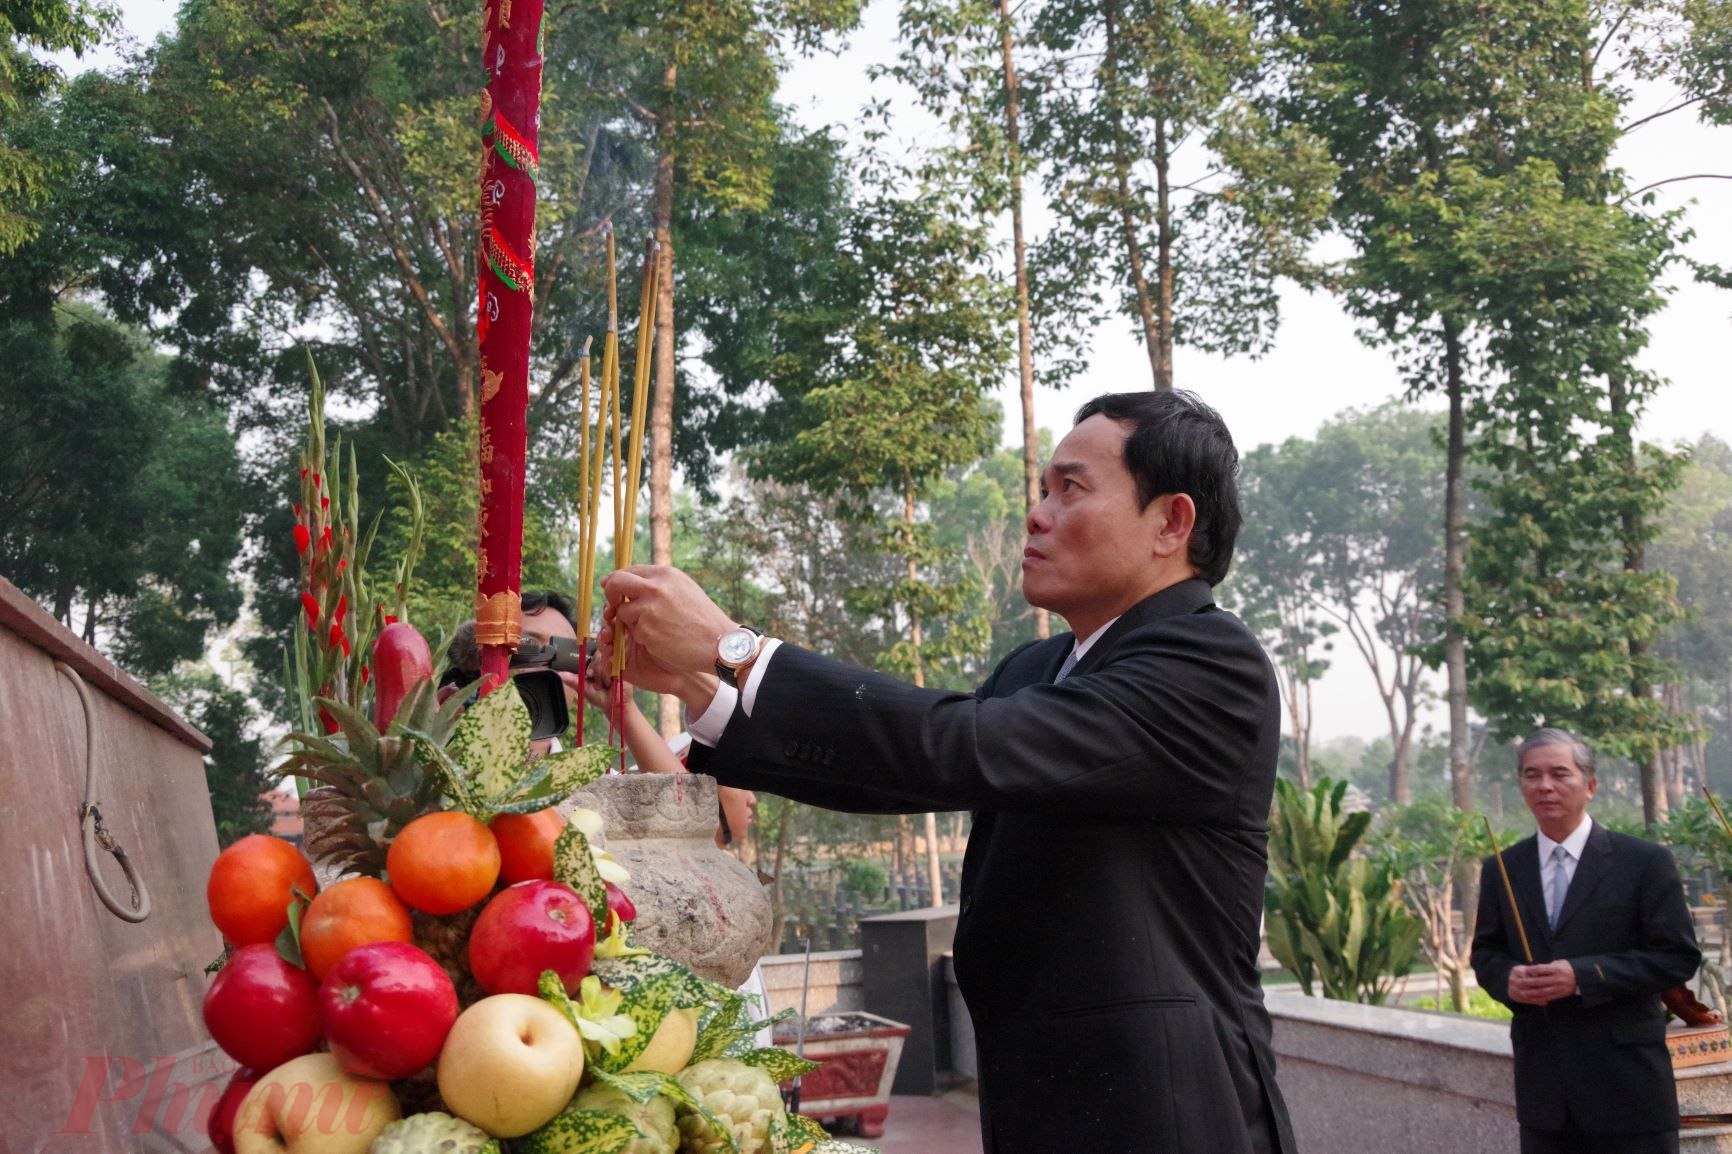 Đồng chí Phó Bí thư Thường trực Thành ủy Trần Lưu Quang dâng hương tại Nghĩa trang liệt sĩ huyện Củ Chi.